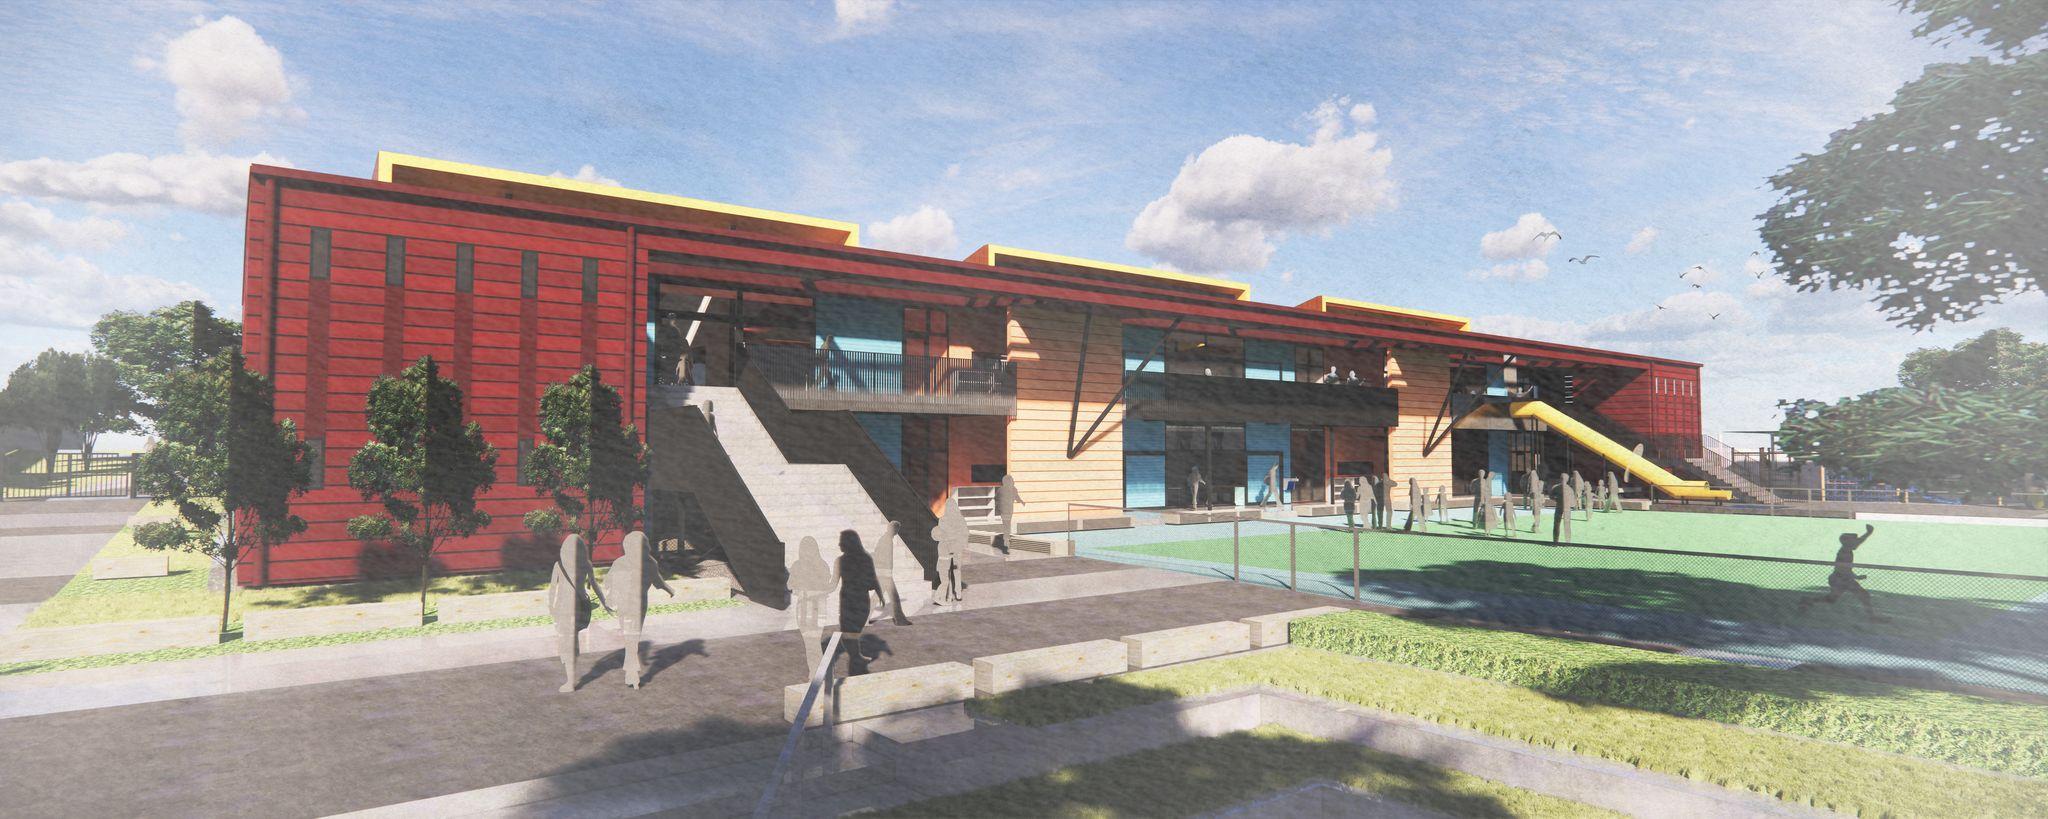 Owairoa Primary School, Howick